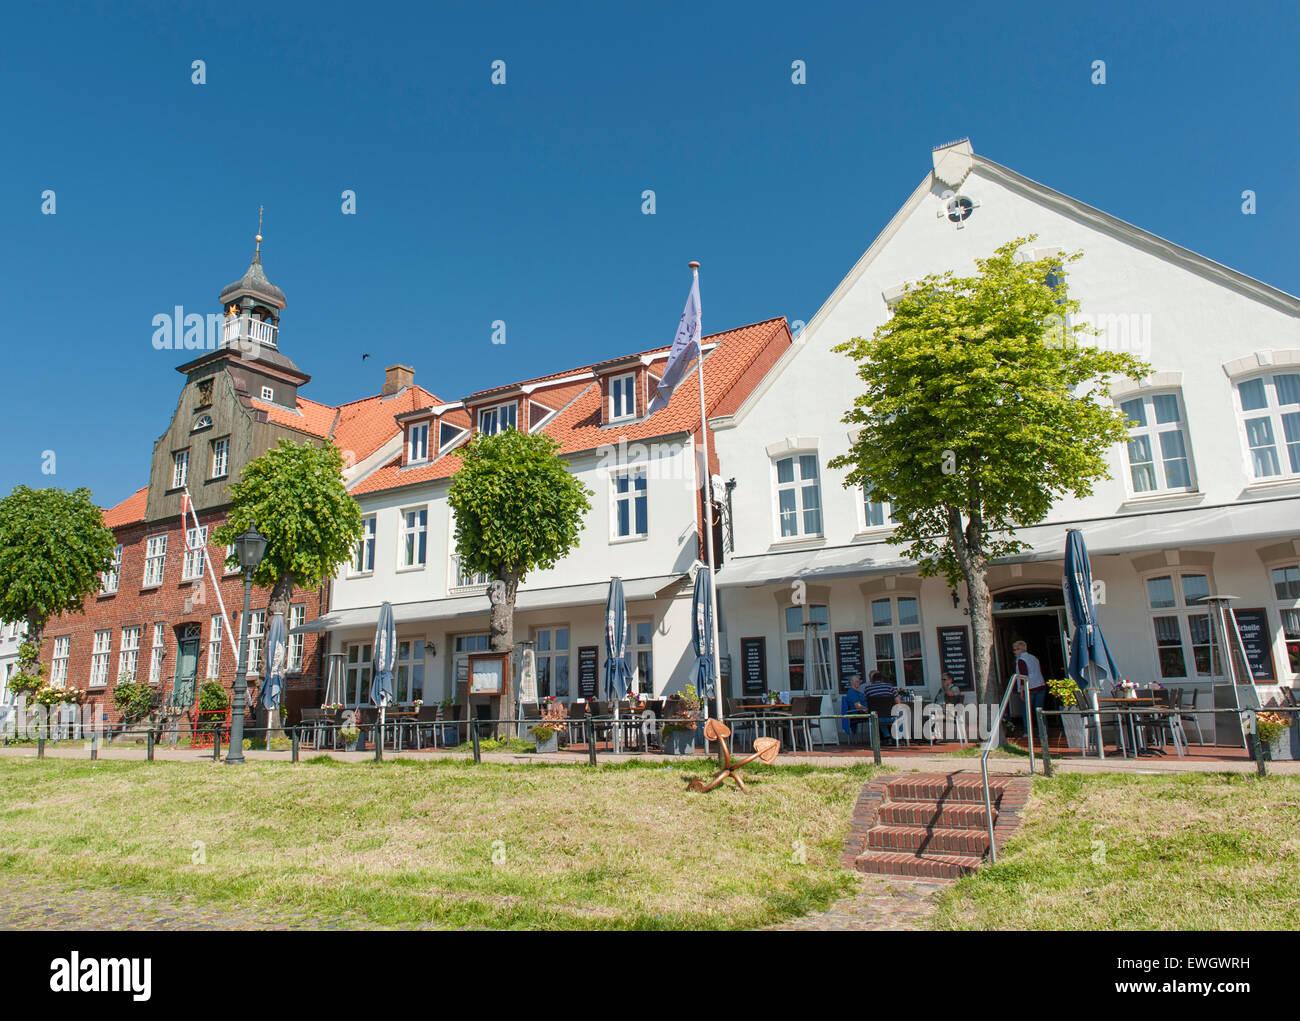 Historische Häuser schmücken die Kais von tönning, einer kleinen ...